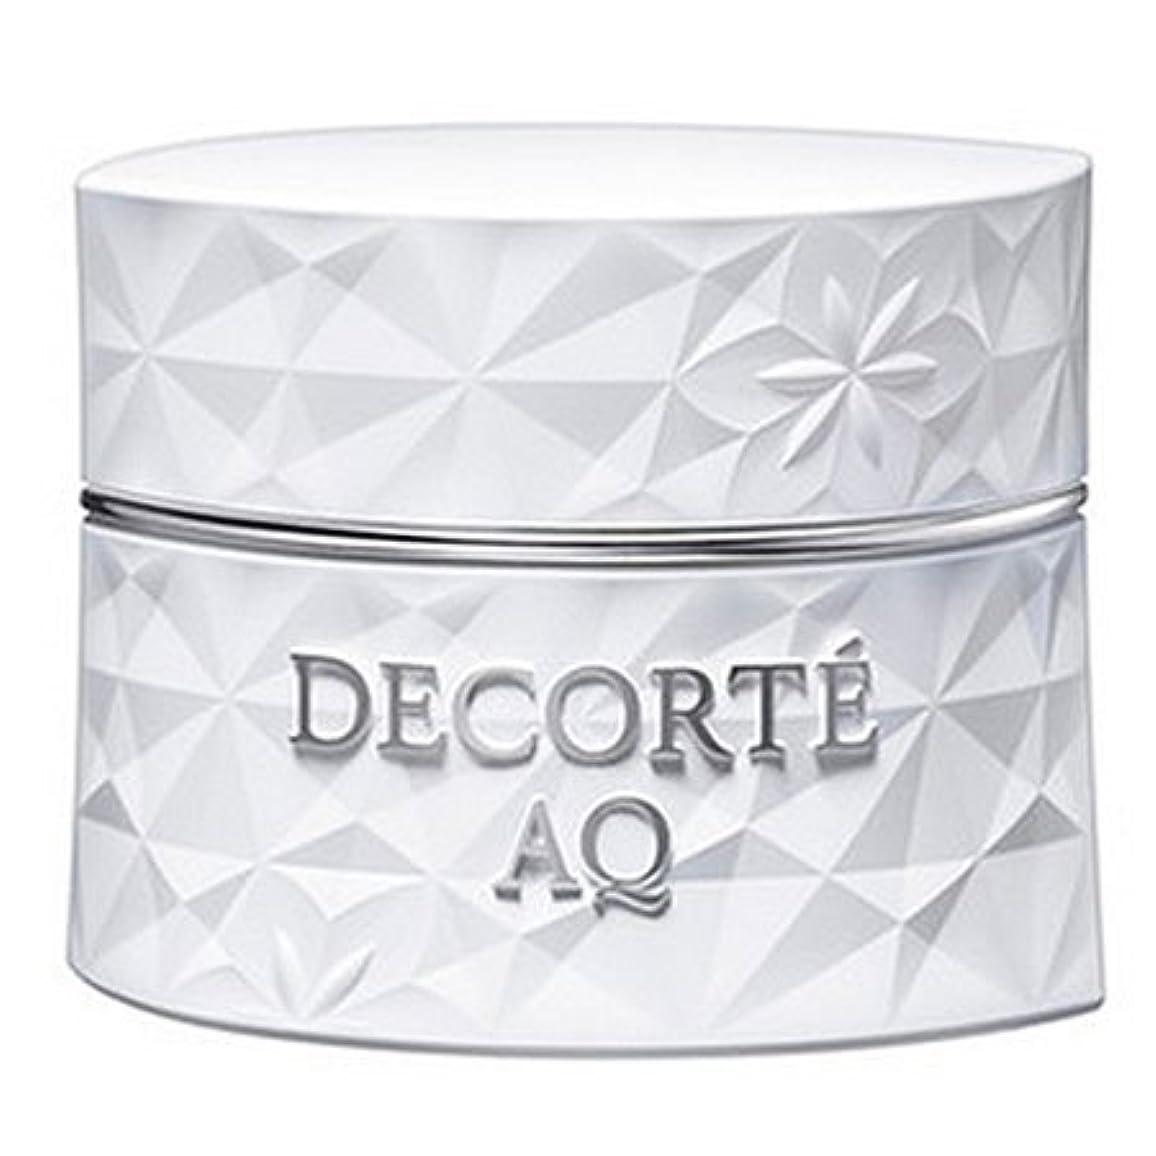 見せますアーティファクトマイクロコスメデコルテ AQ ホワイトニング クリーム 25g-COSME DECORTE-